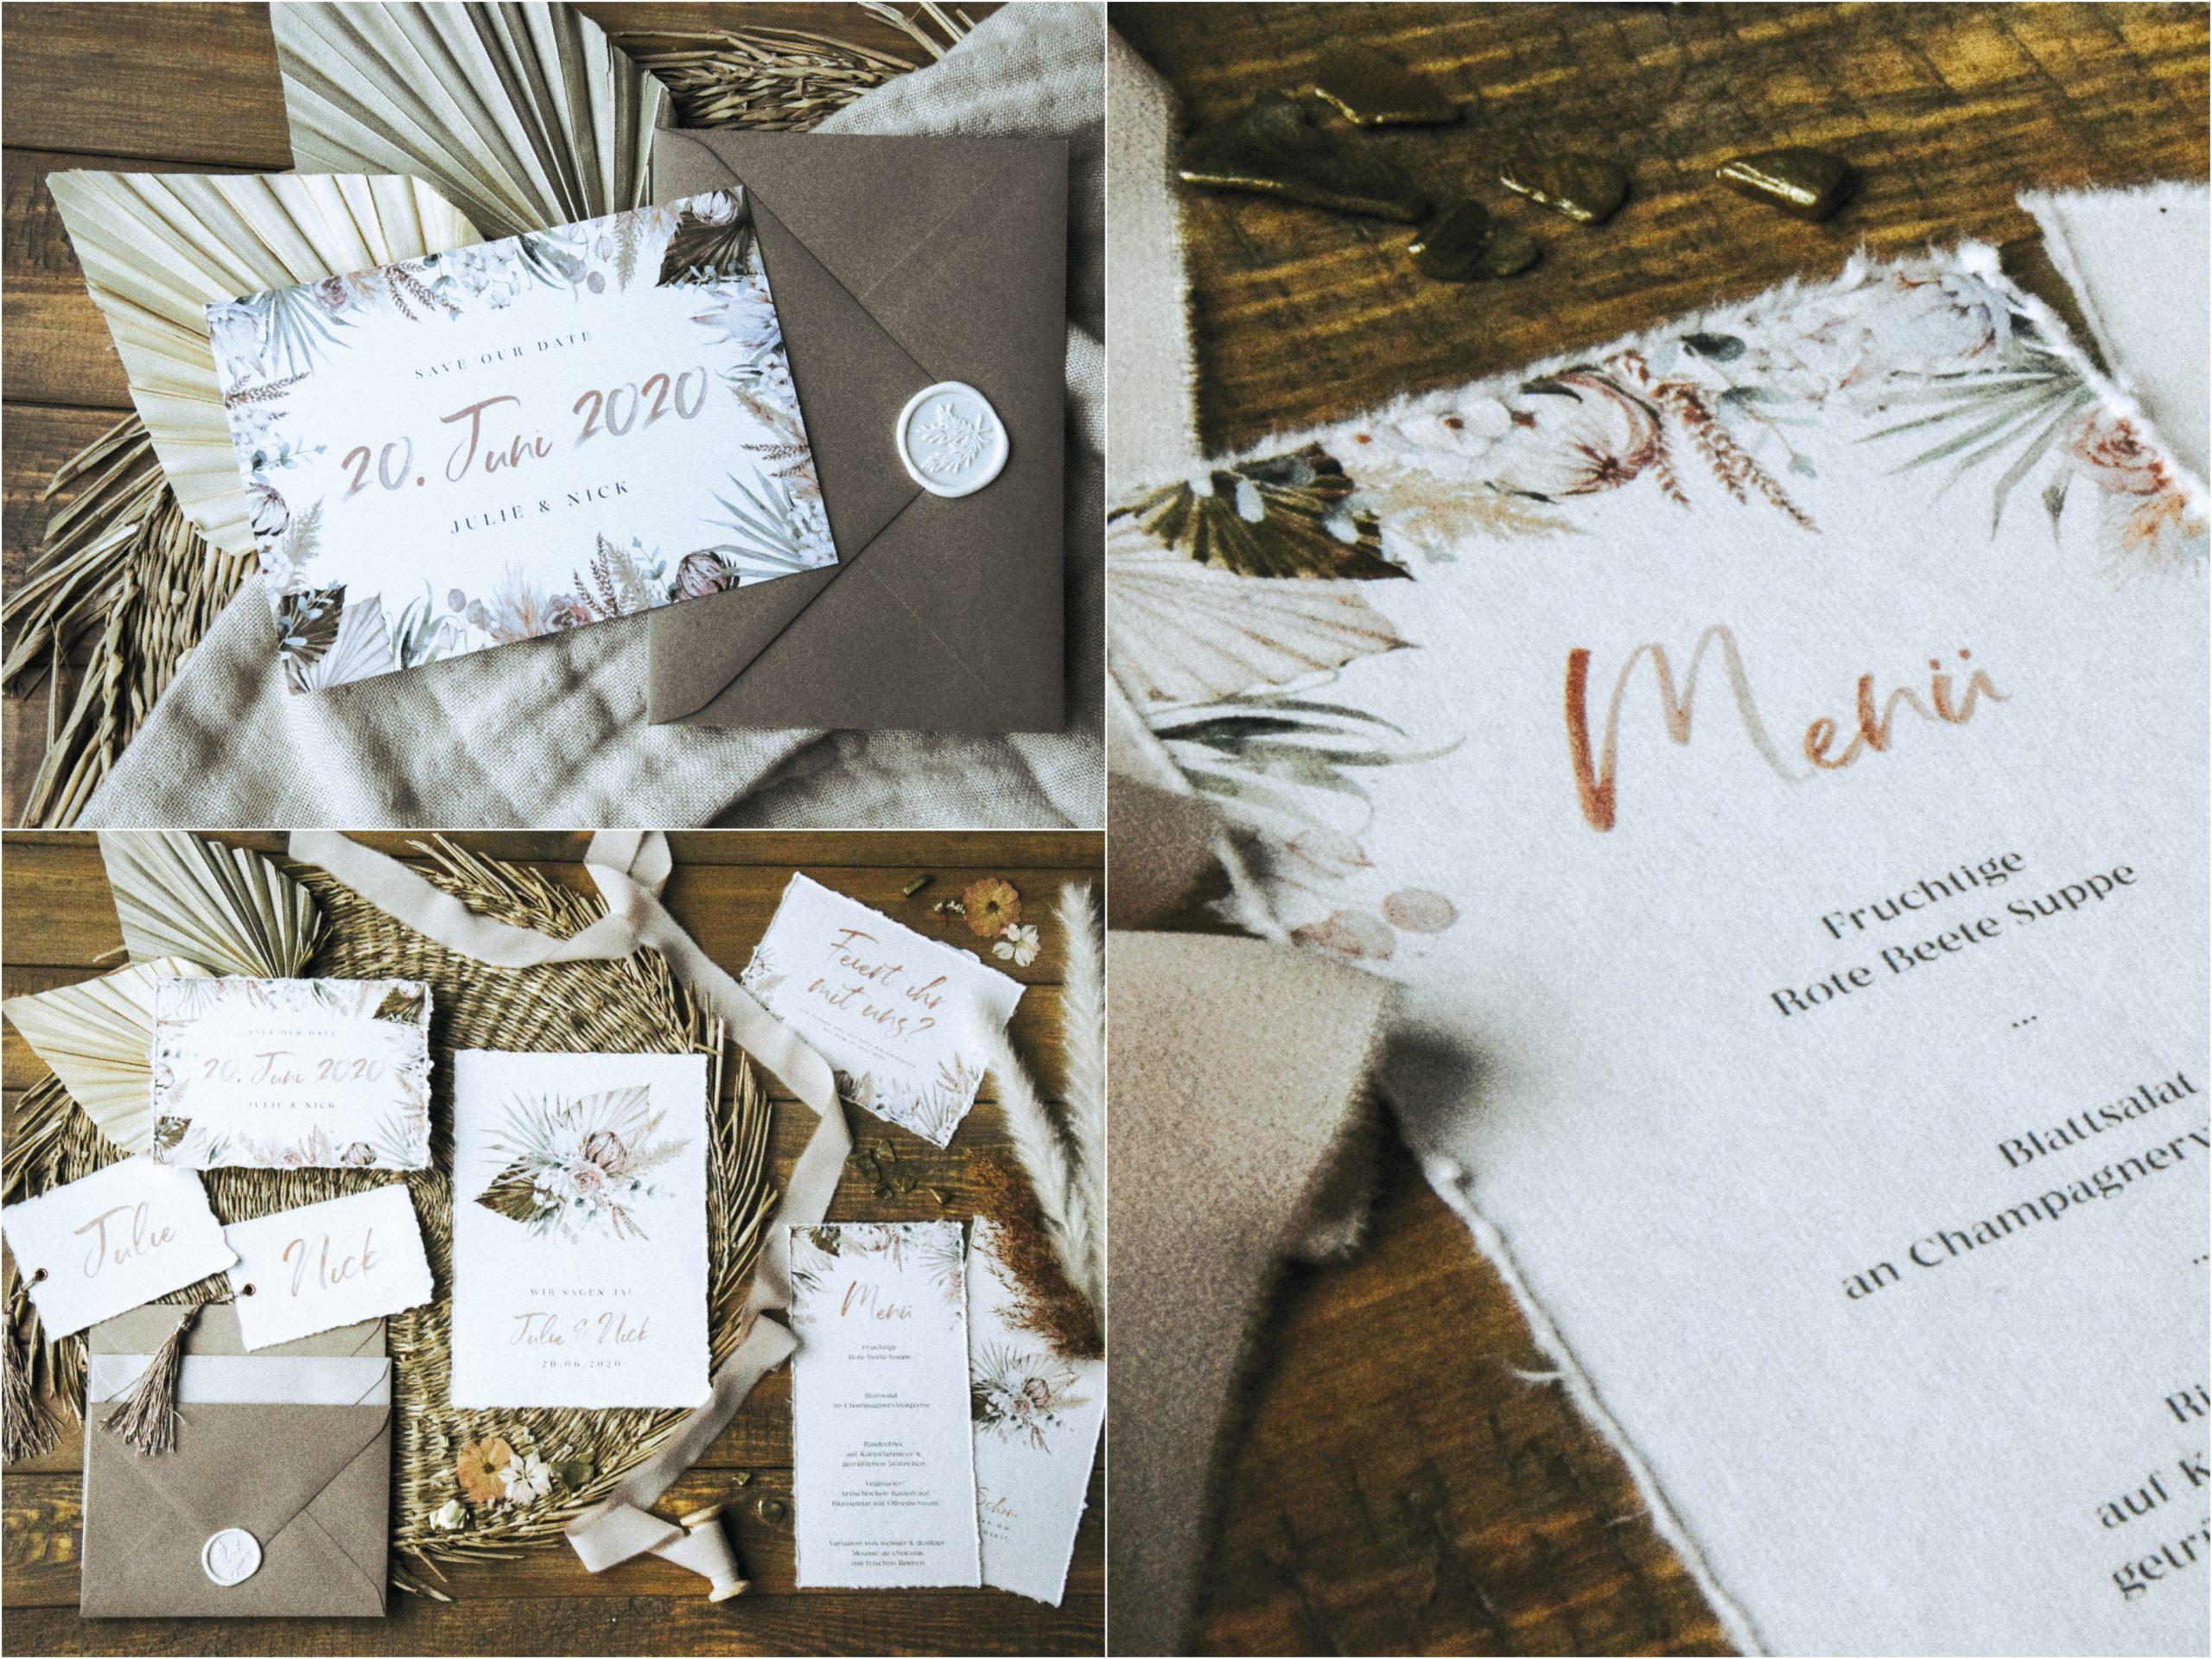 Hochzeitspapeterie im Boho-Stil von Worldchild Wedding